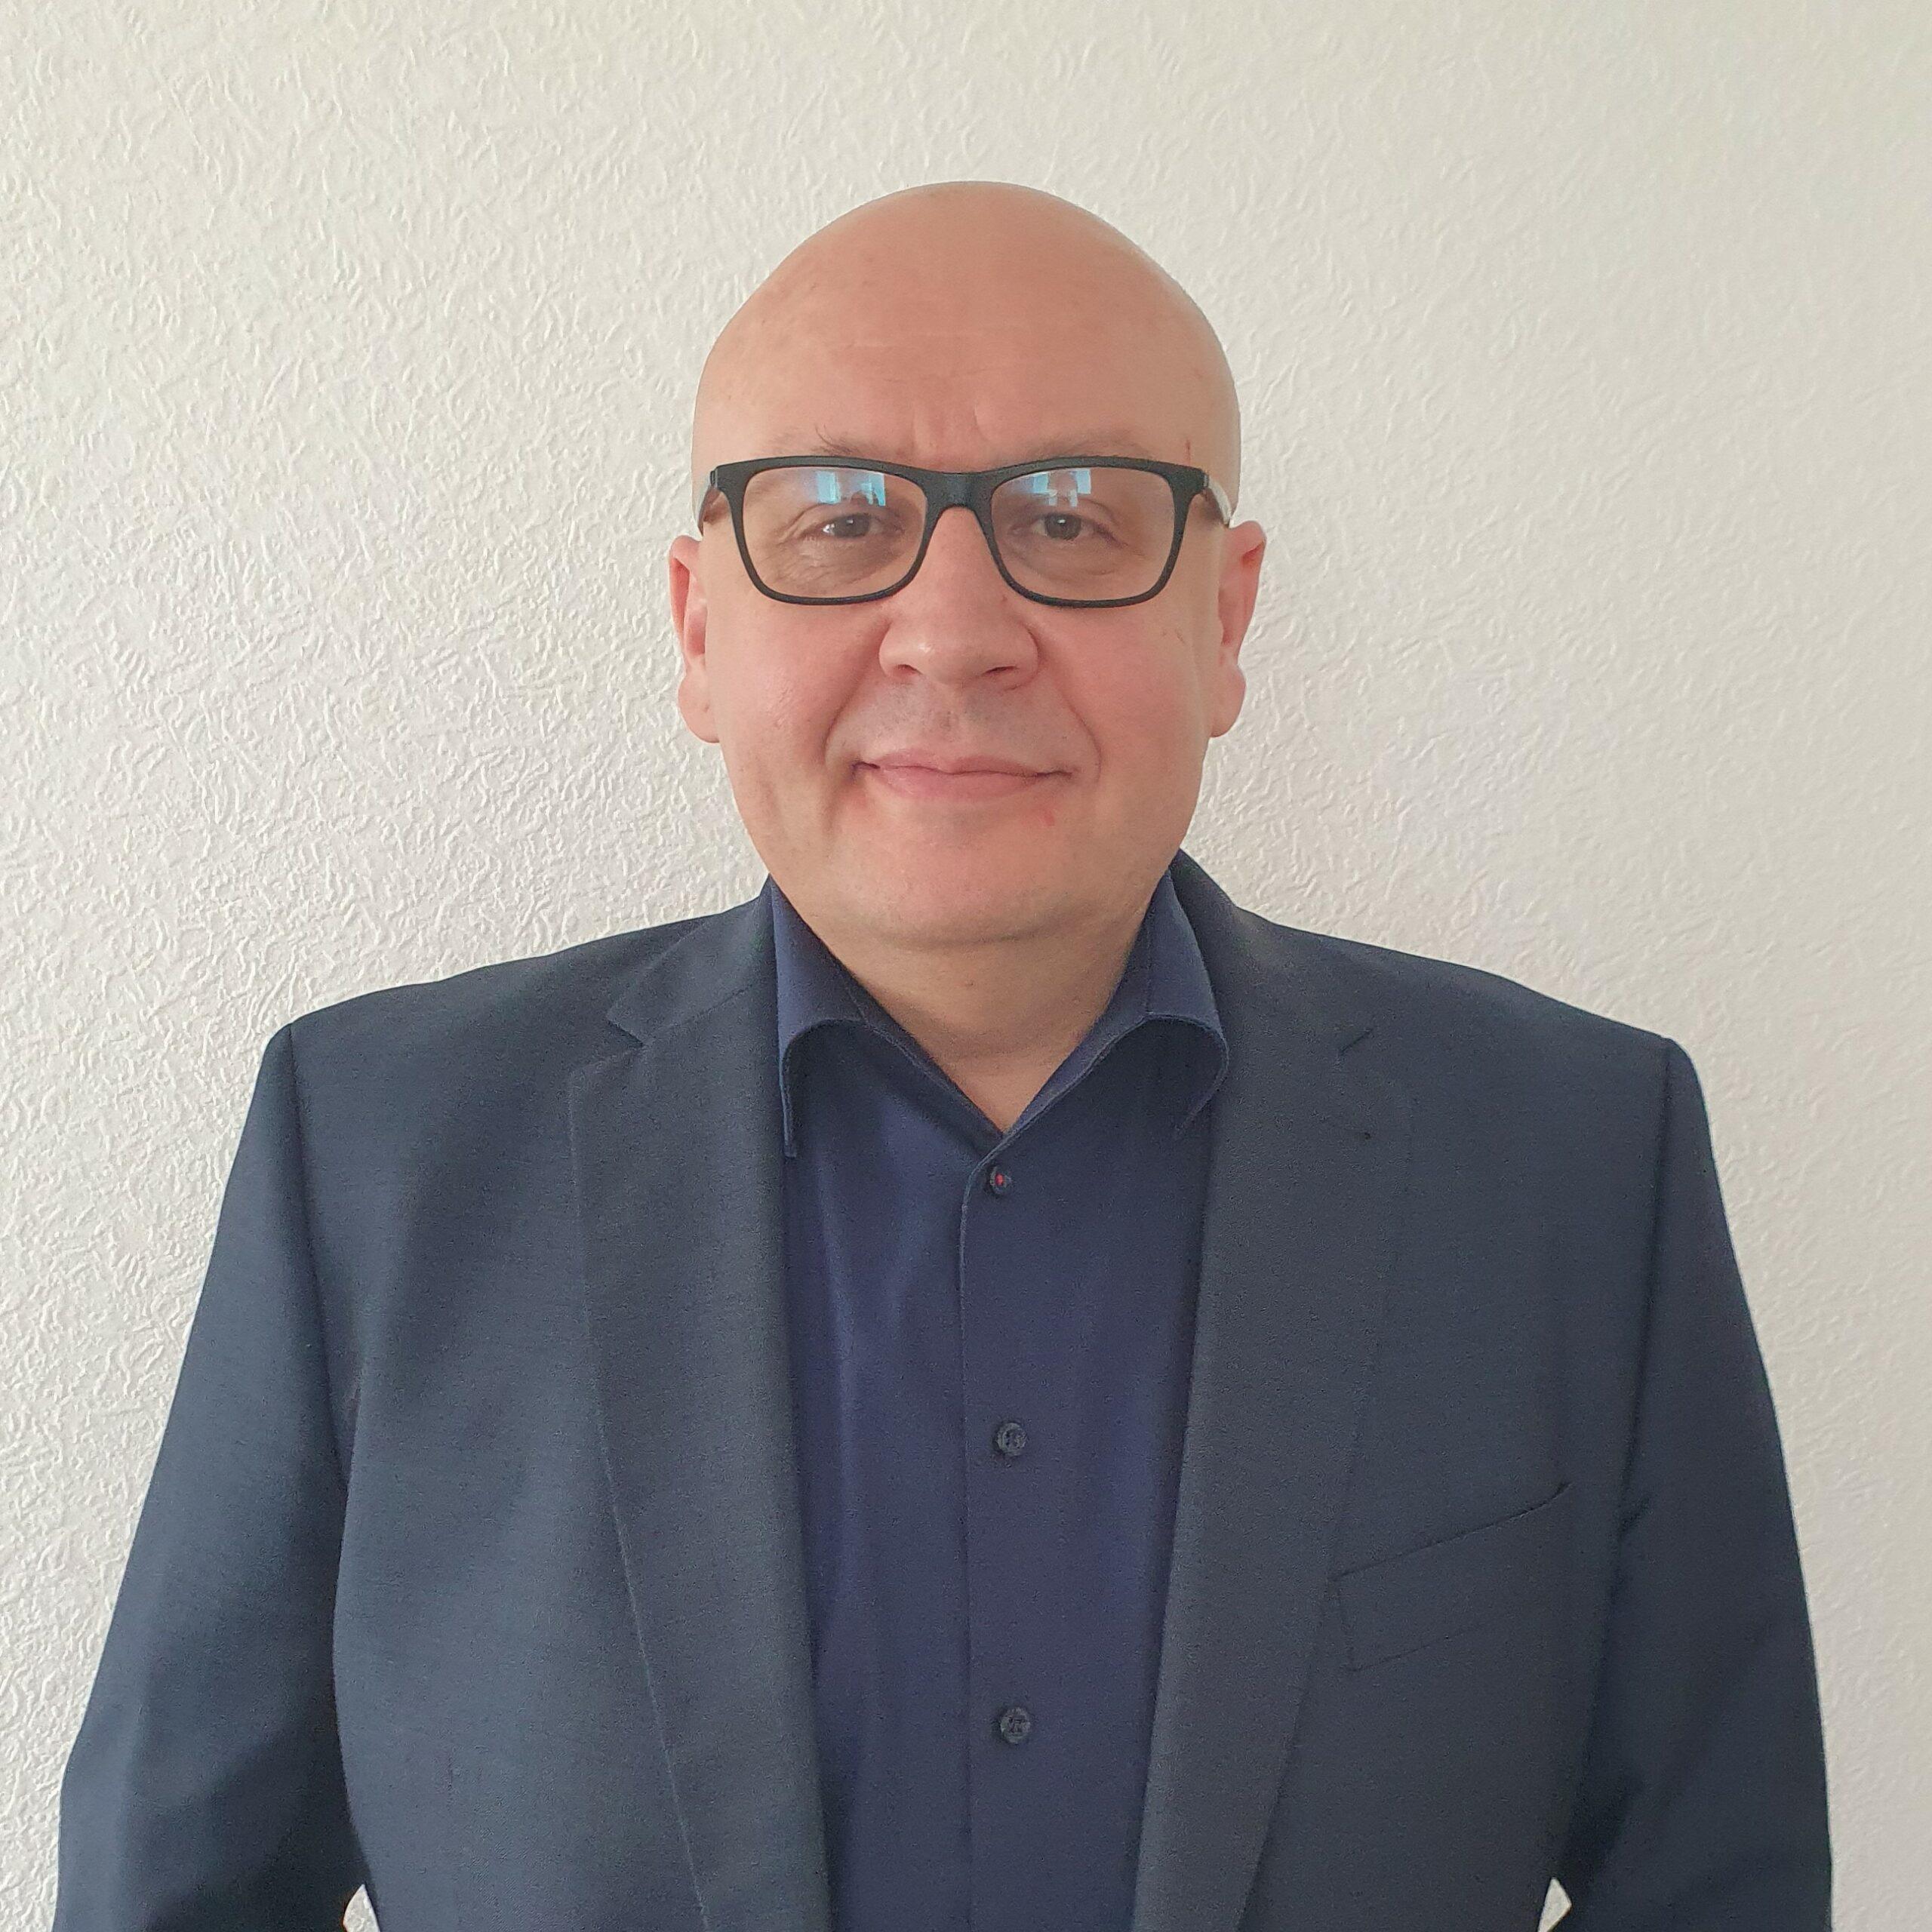 Jürgen Scheiwein